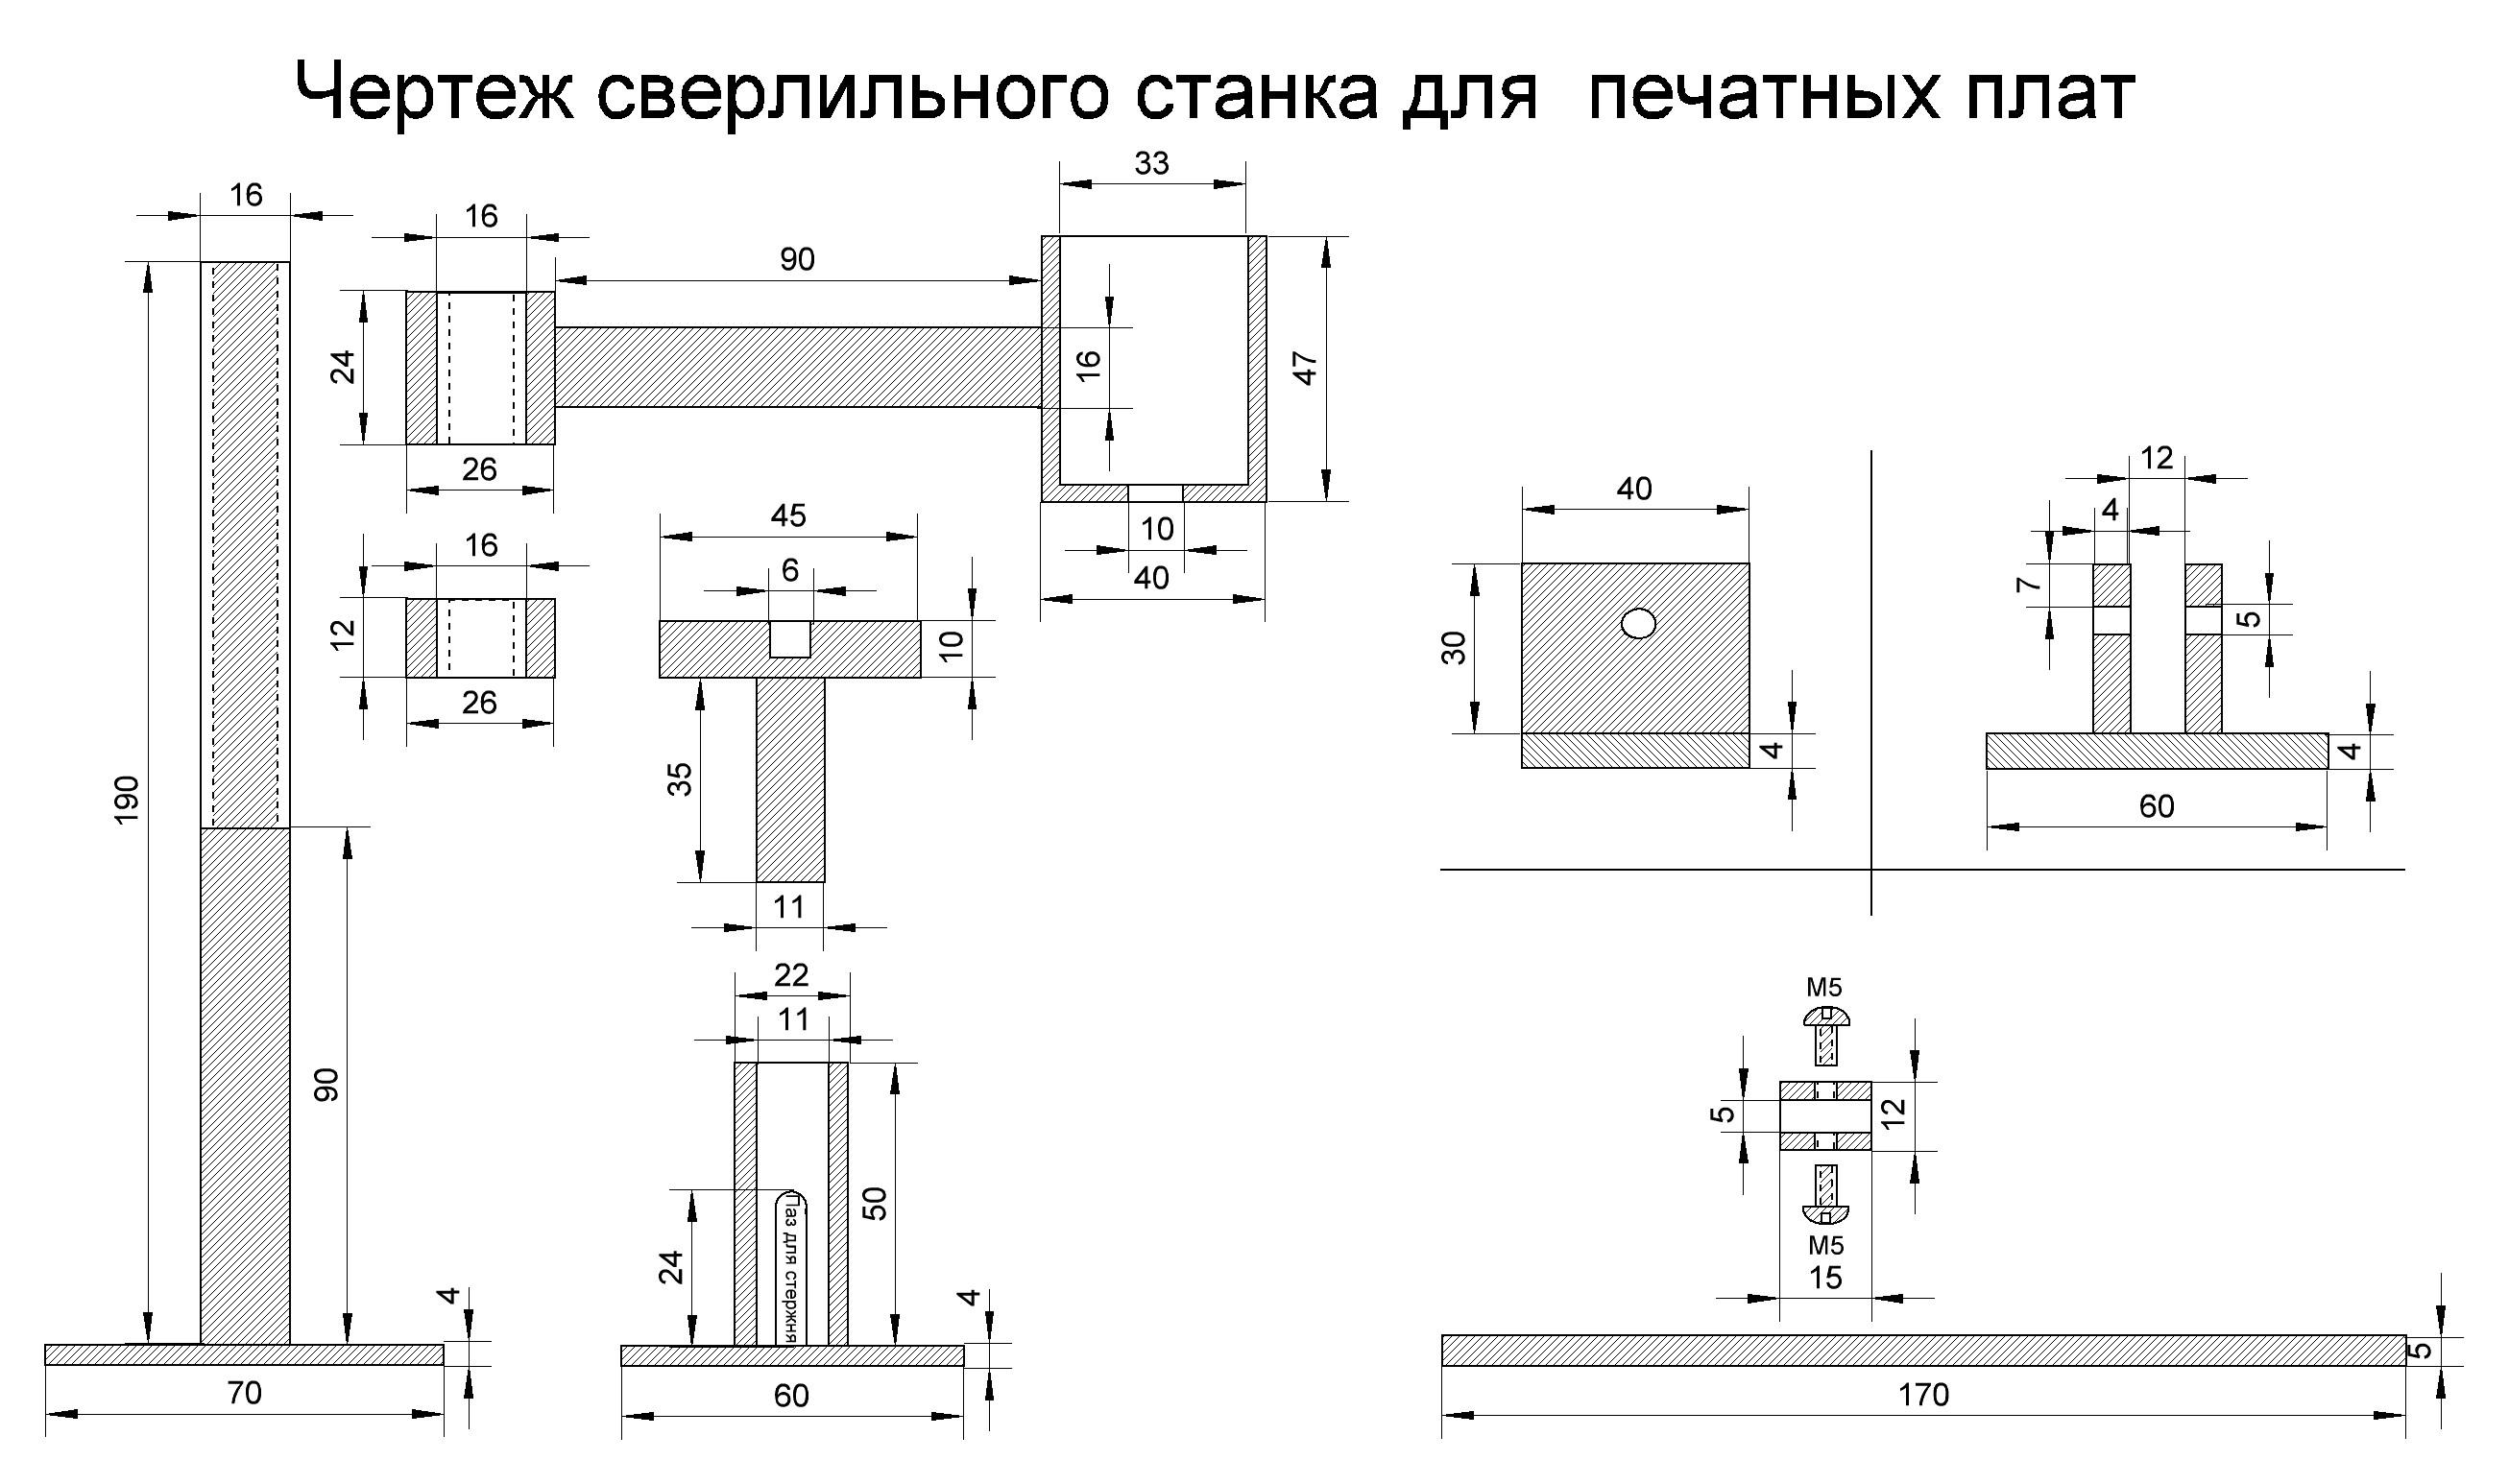 Чертеж сверлильного станка для печатных плат